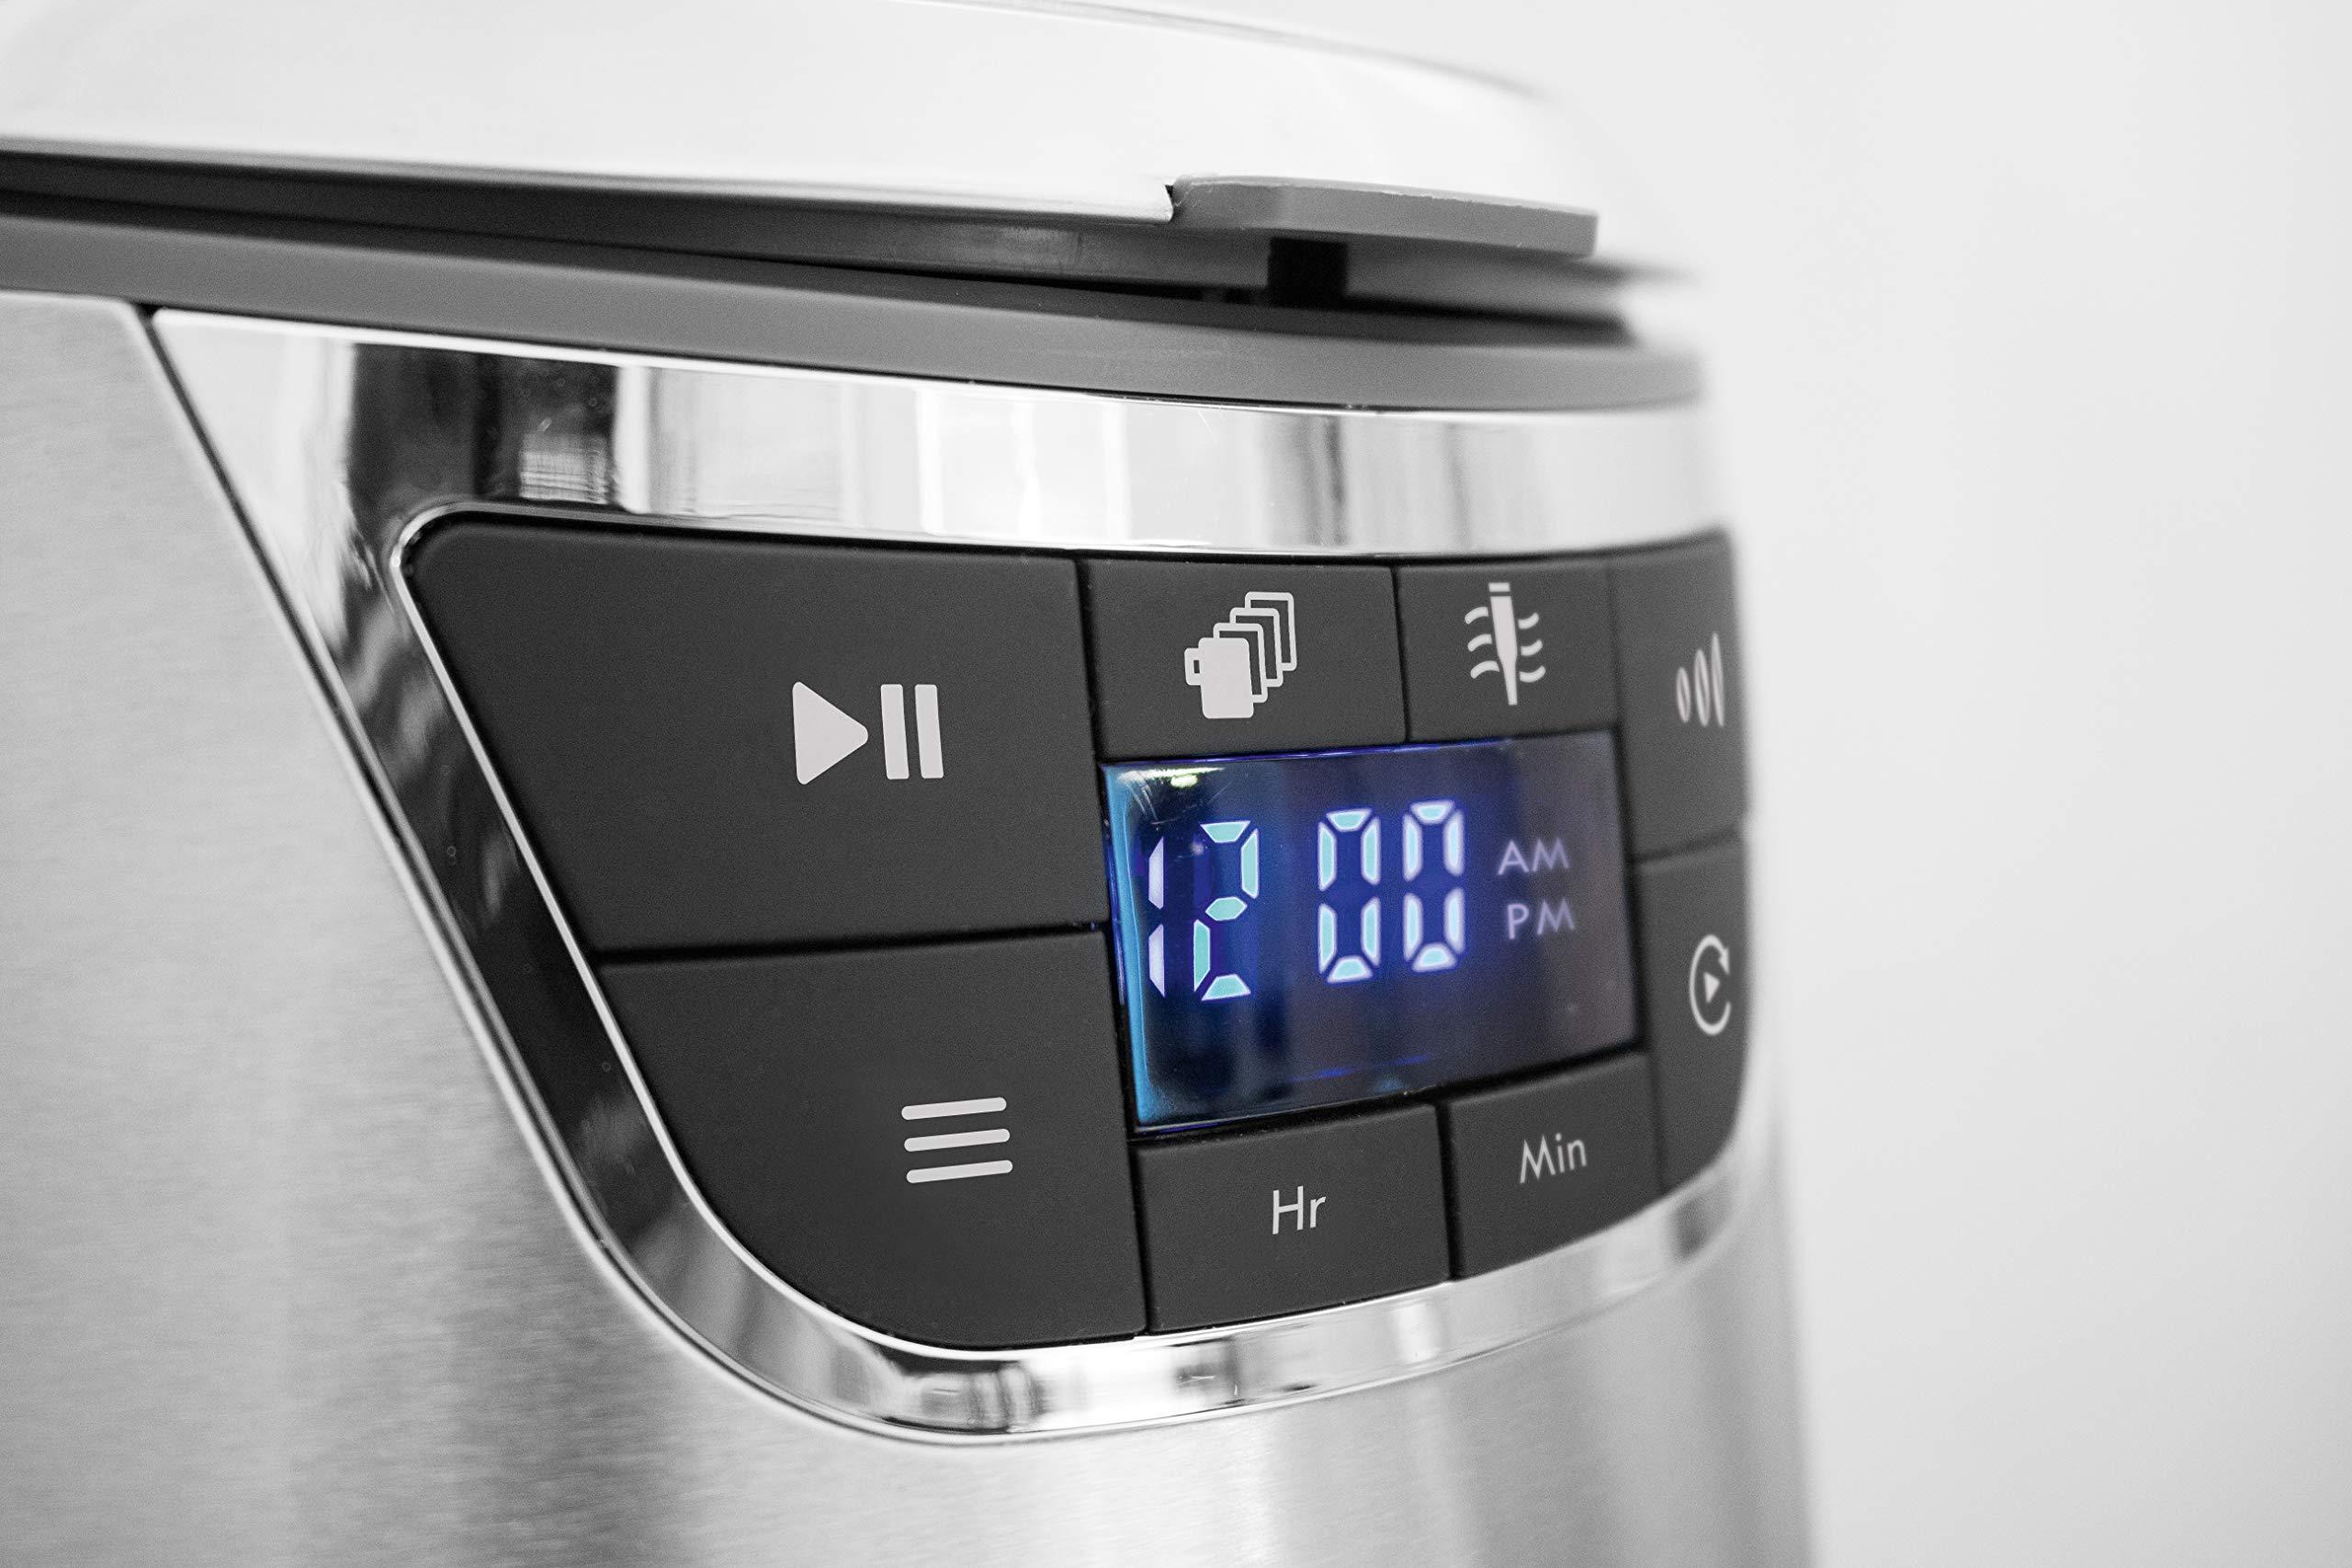 CASO-NOVEA-C4-Design-Filter-Kaffeemaschine-1000-Watt-Brhtemperatur-ca-96C-fr-126-Tassen-LED-Display